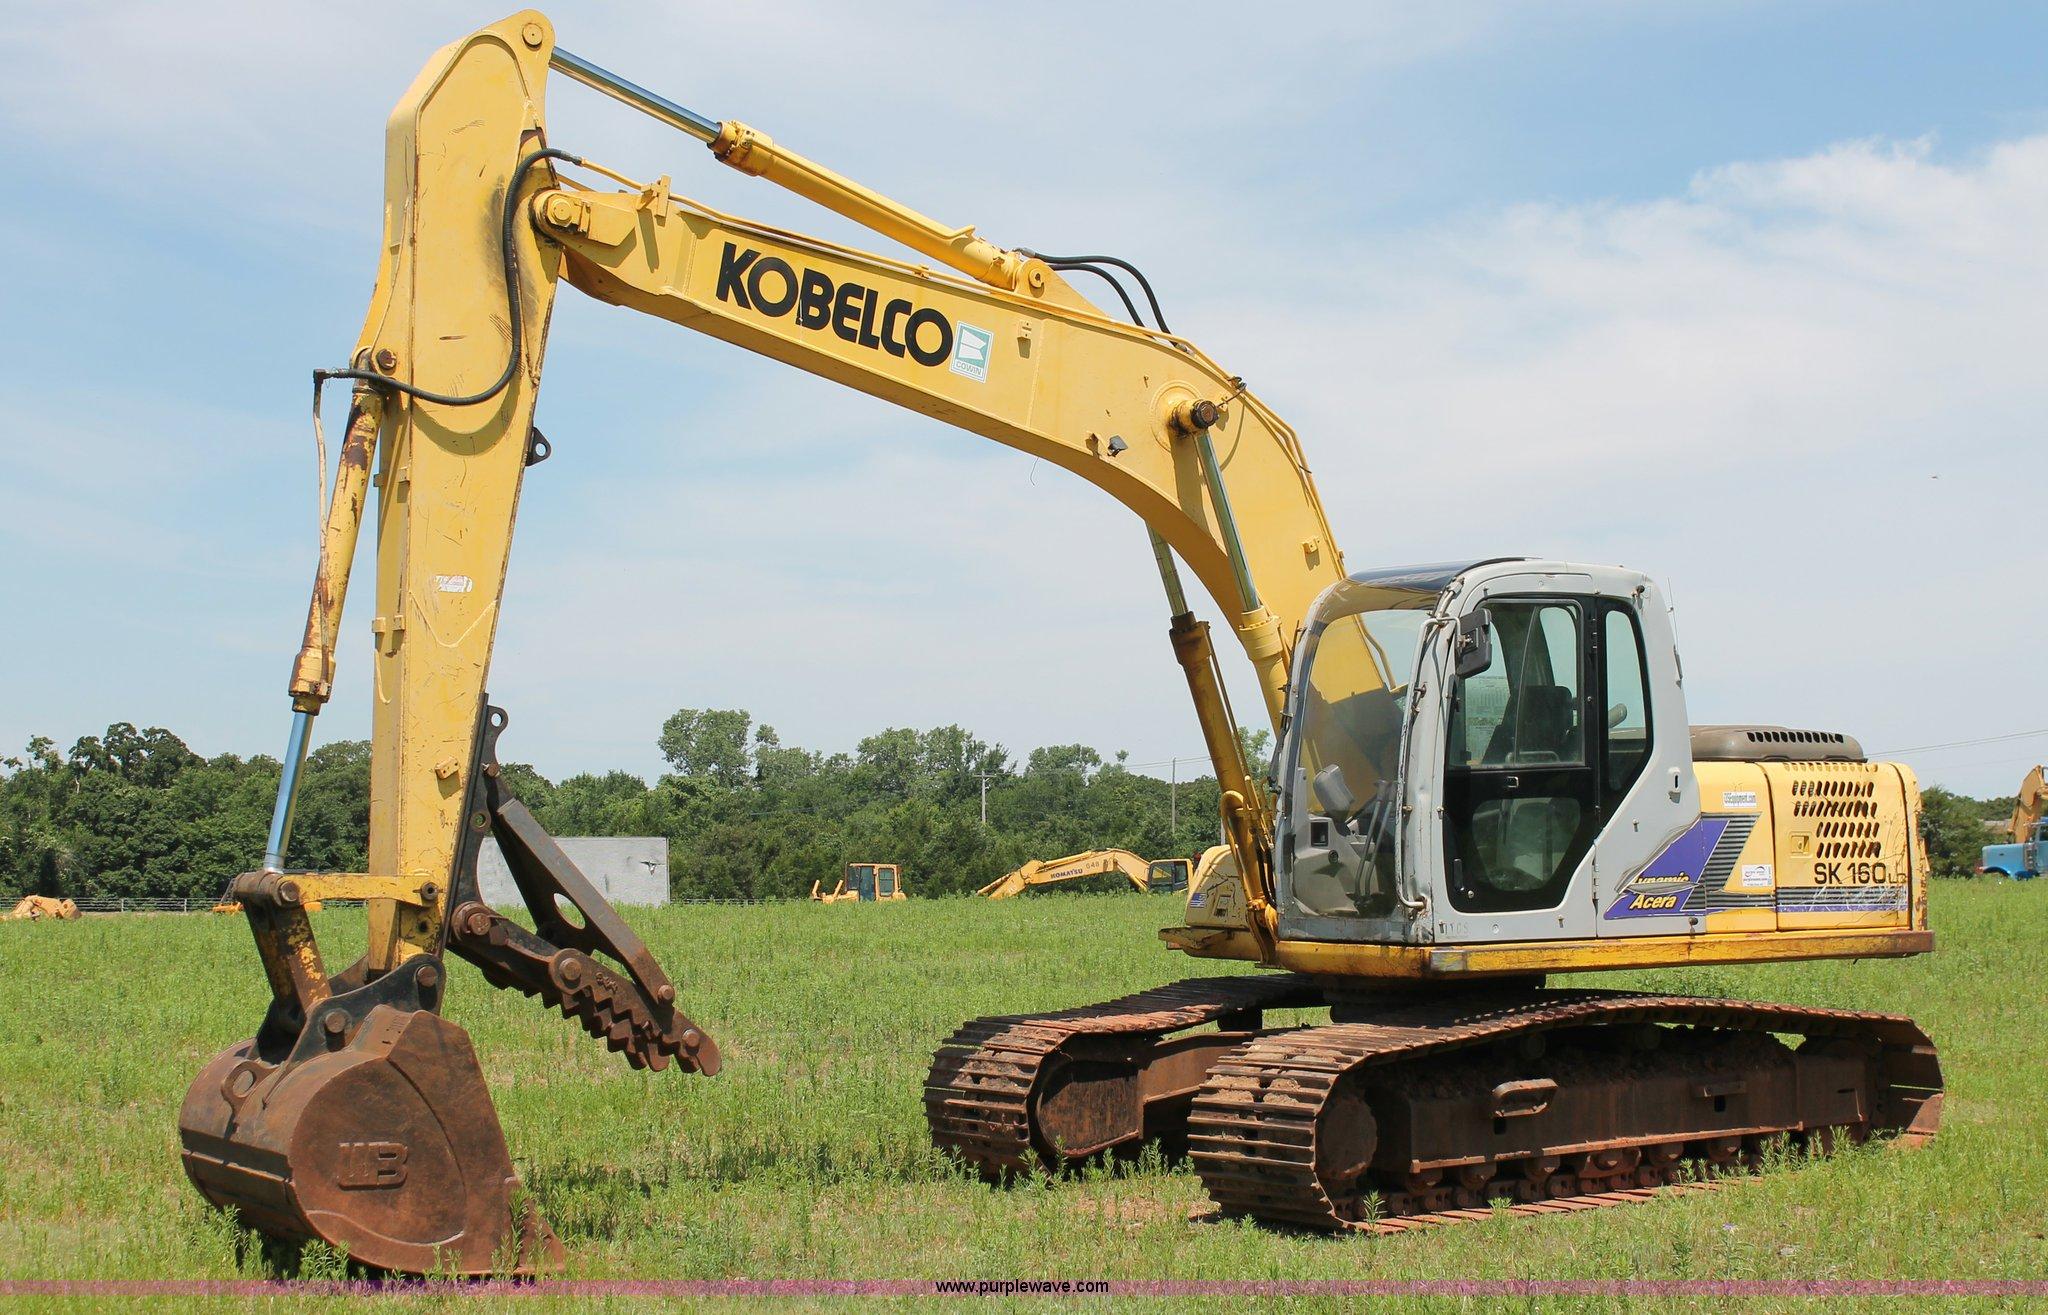 K8805 image for item K8805 2005 Kobelco SK160LC excavator